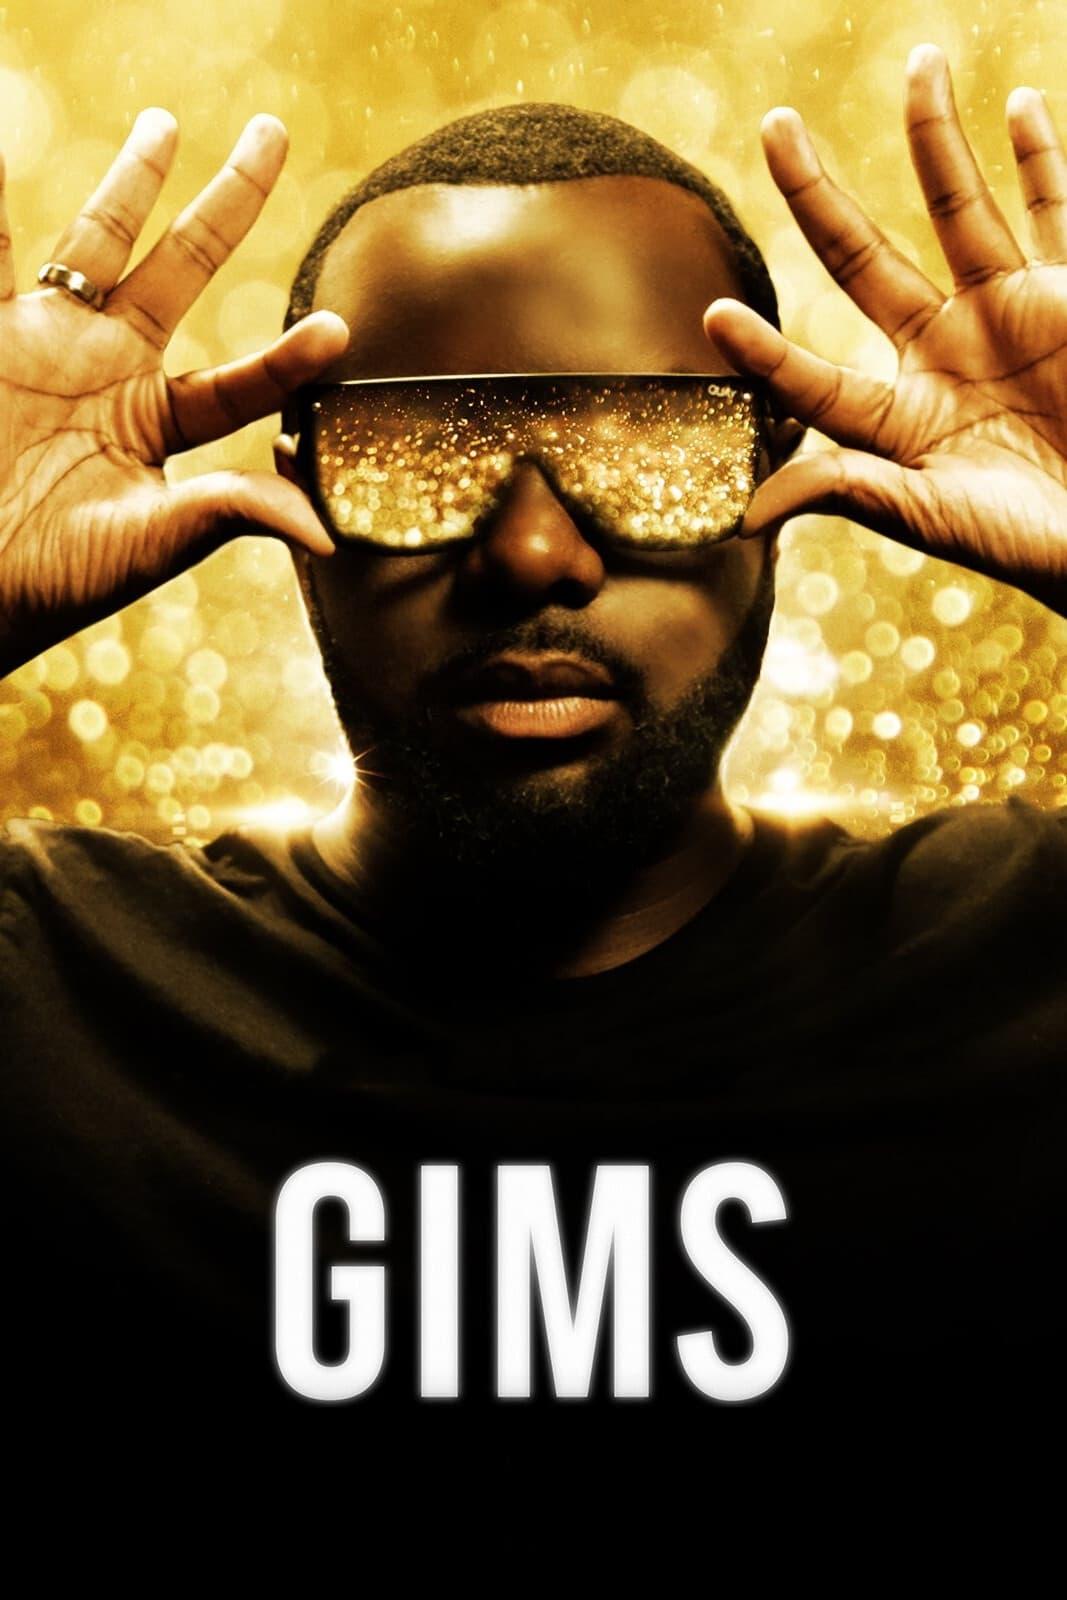 GIMS: Ícone do Rap Dublado